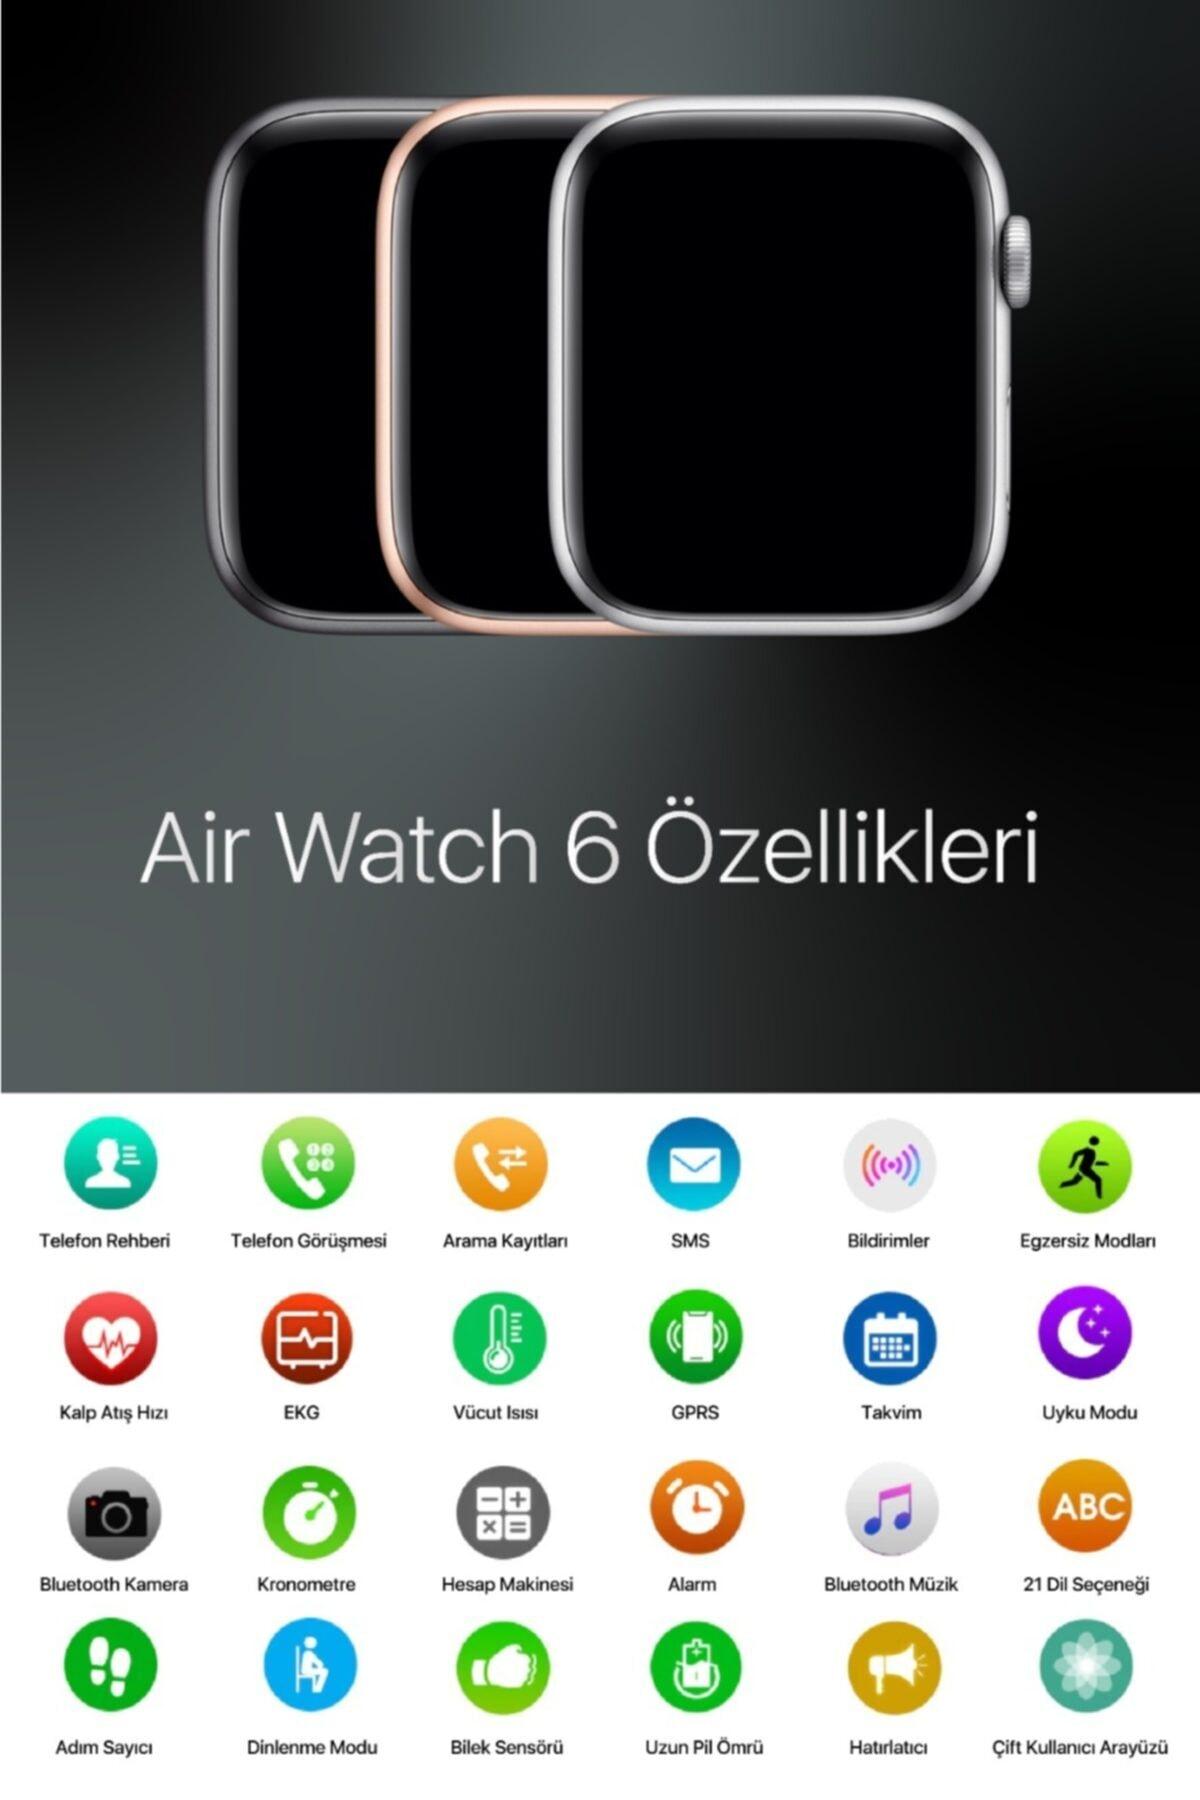 AirWatch Akıllı Saat Suya Dayanıklı Ateş Ve Nabız Ölçer Çok Fonksiyonlu Ios Ve Android Uyumlu 2